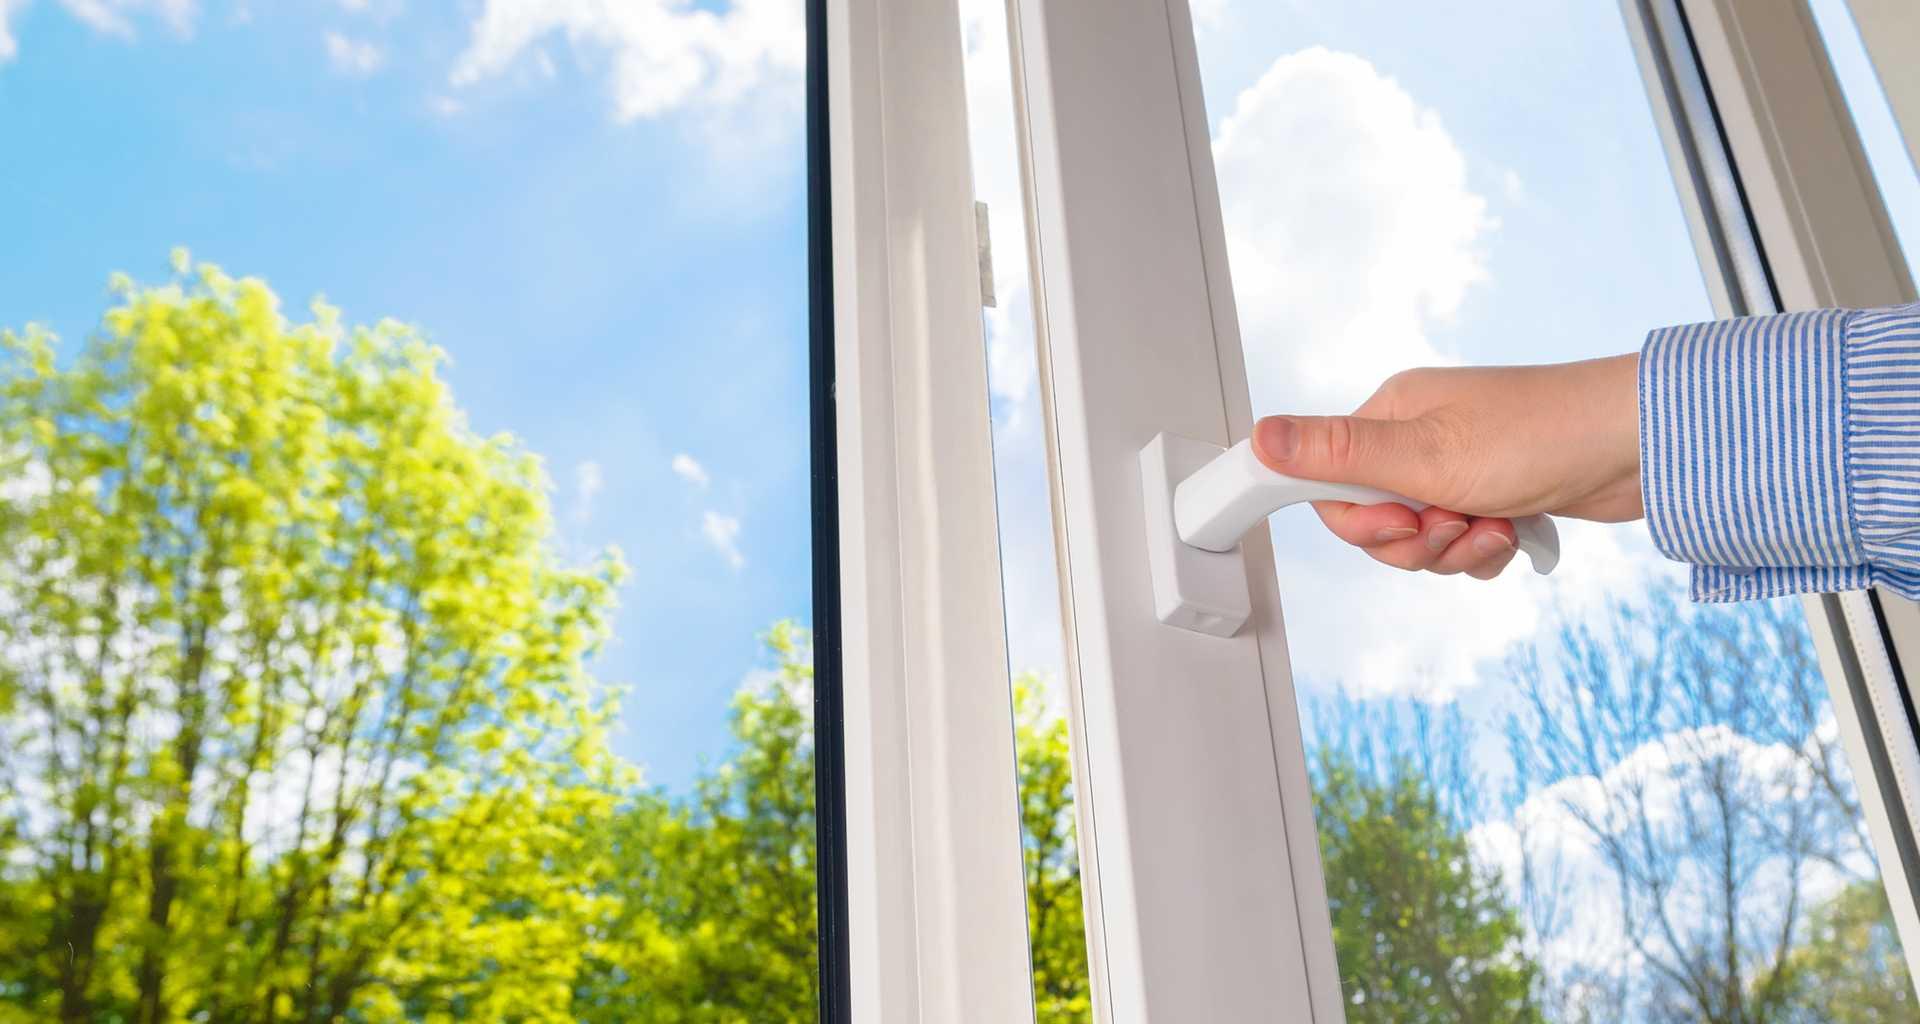 Iščete okna? Pomagali vam bomo najti prava okna za vas